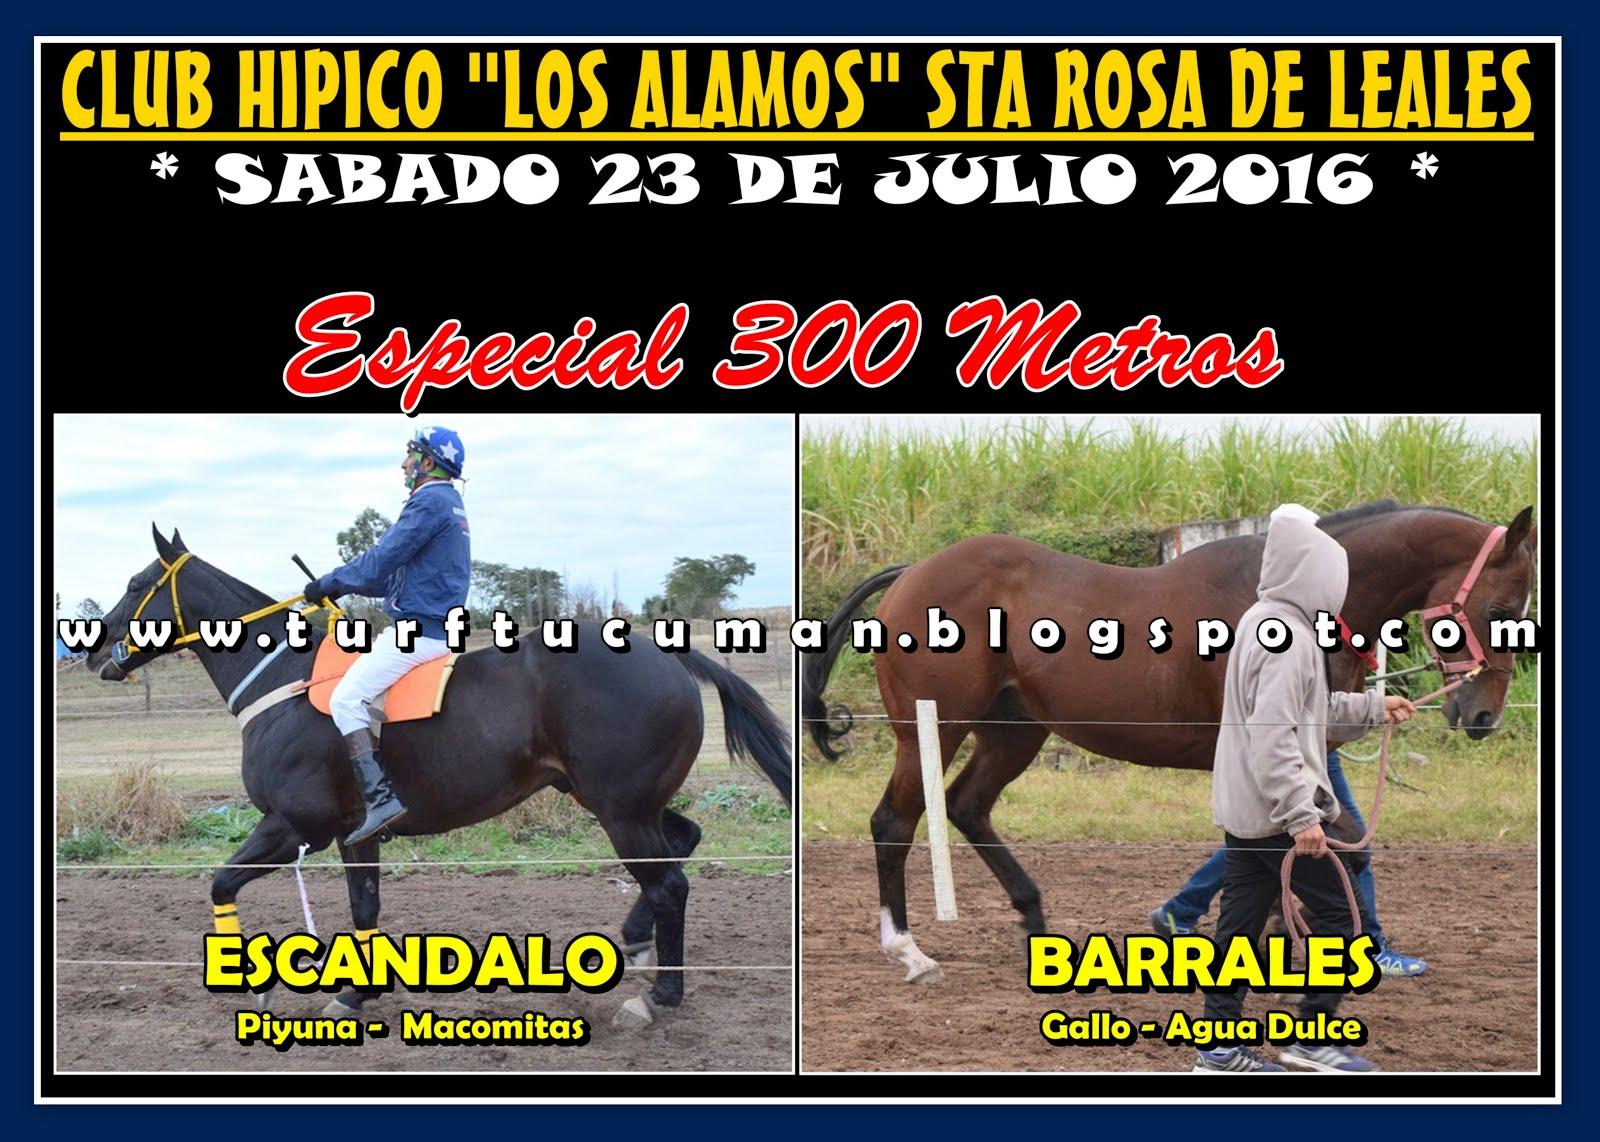 ESCANDALO VS BARRALES